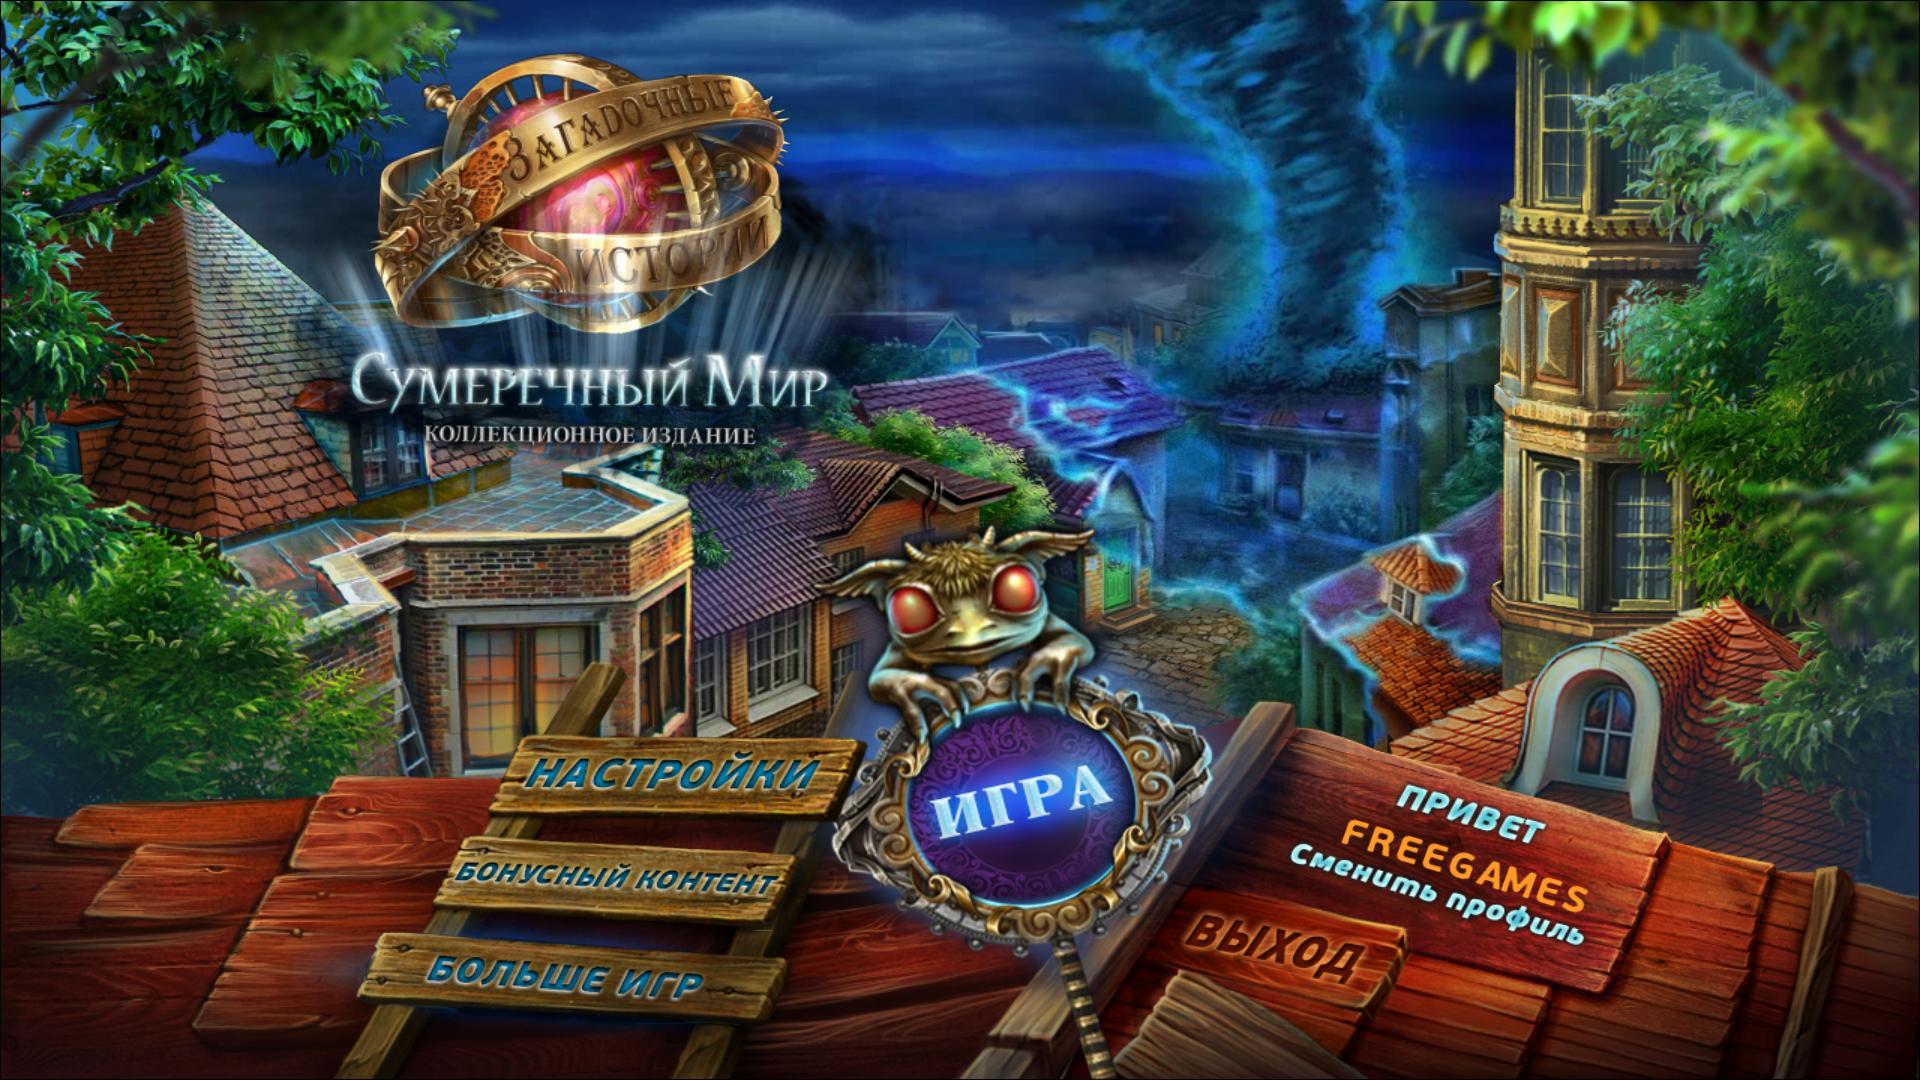 Загадочные истории 2: Сумеречный мир. Коллекционное издание | Mystery Tales 2: The Twilight World CE (Rus)